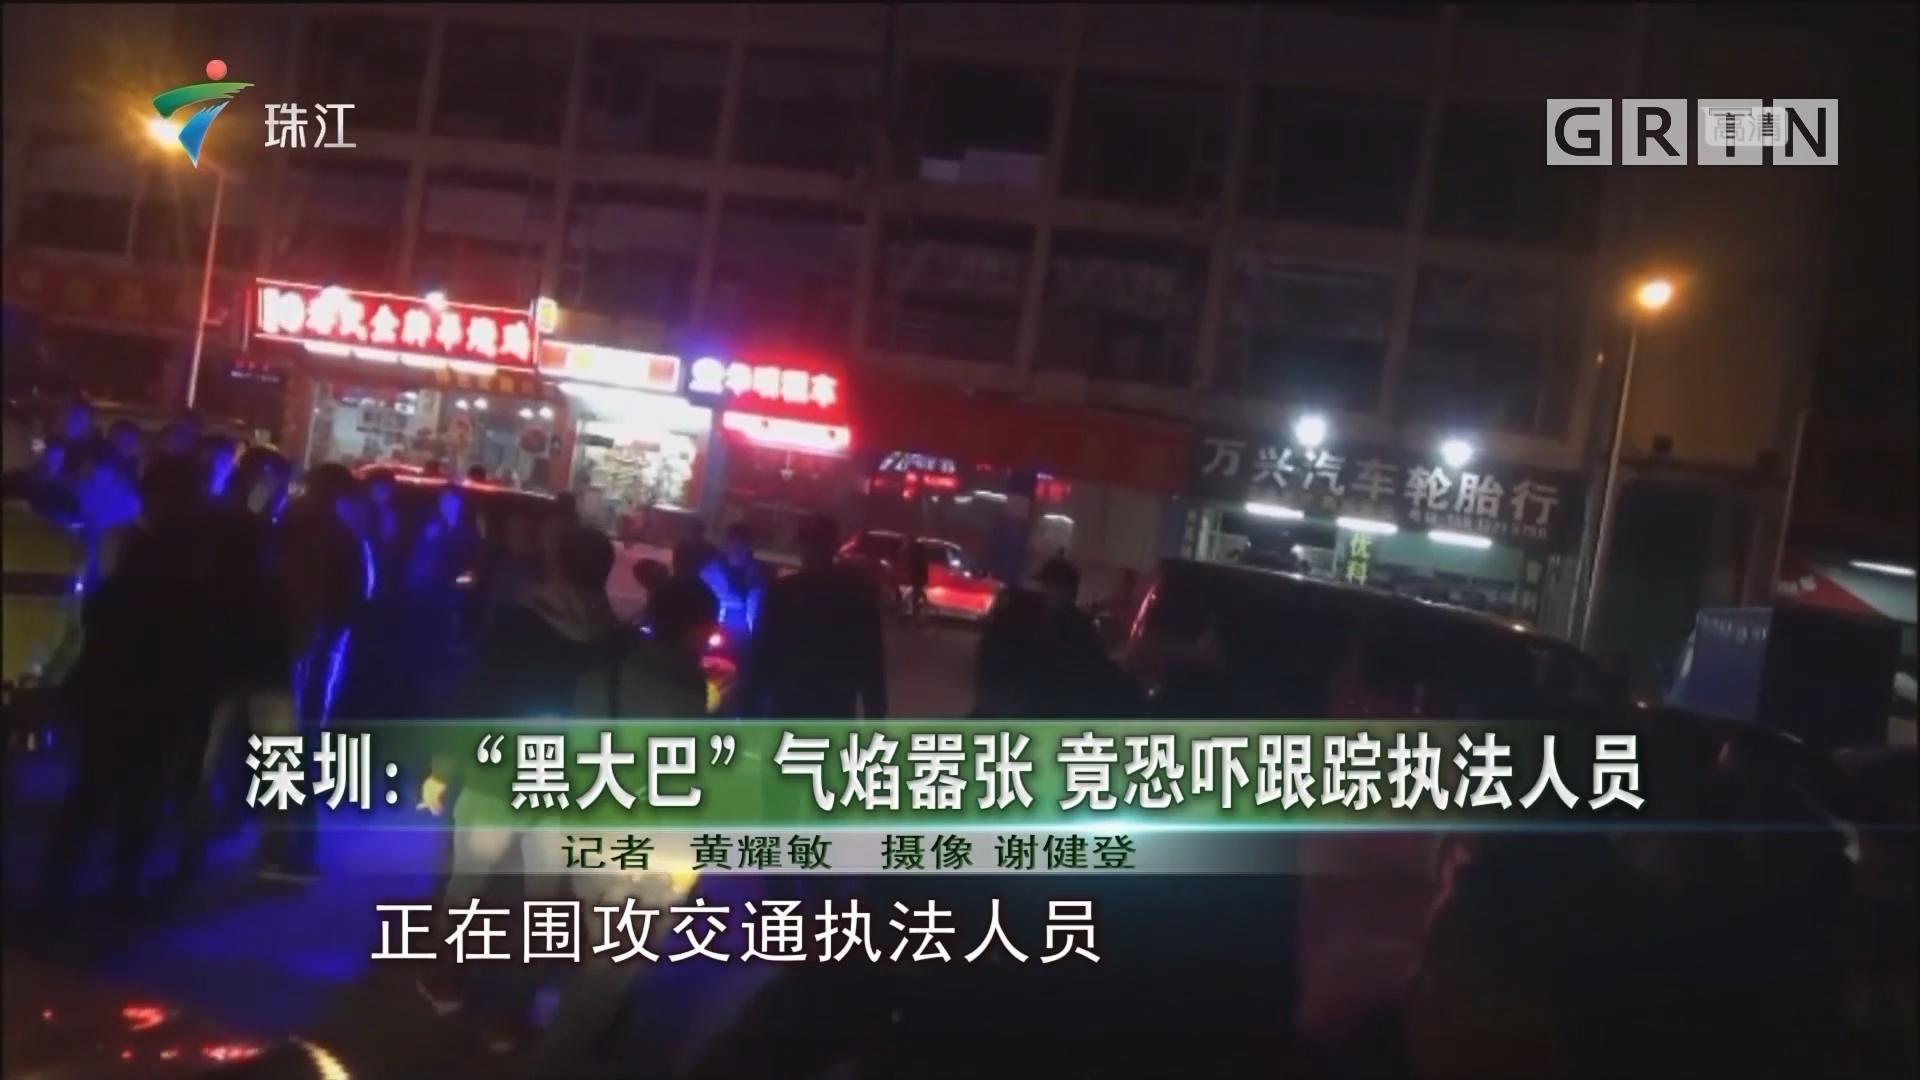 """深圳:""""黑大巴""""气焰嚣张 竟恐吓跟踪执法人员"""